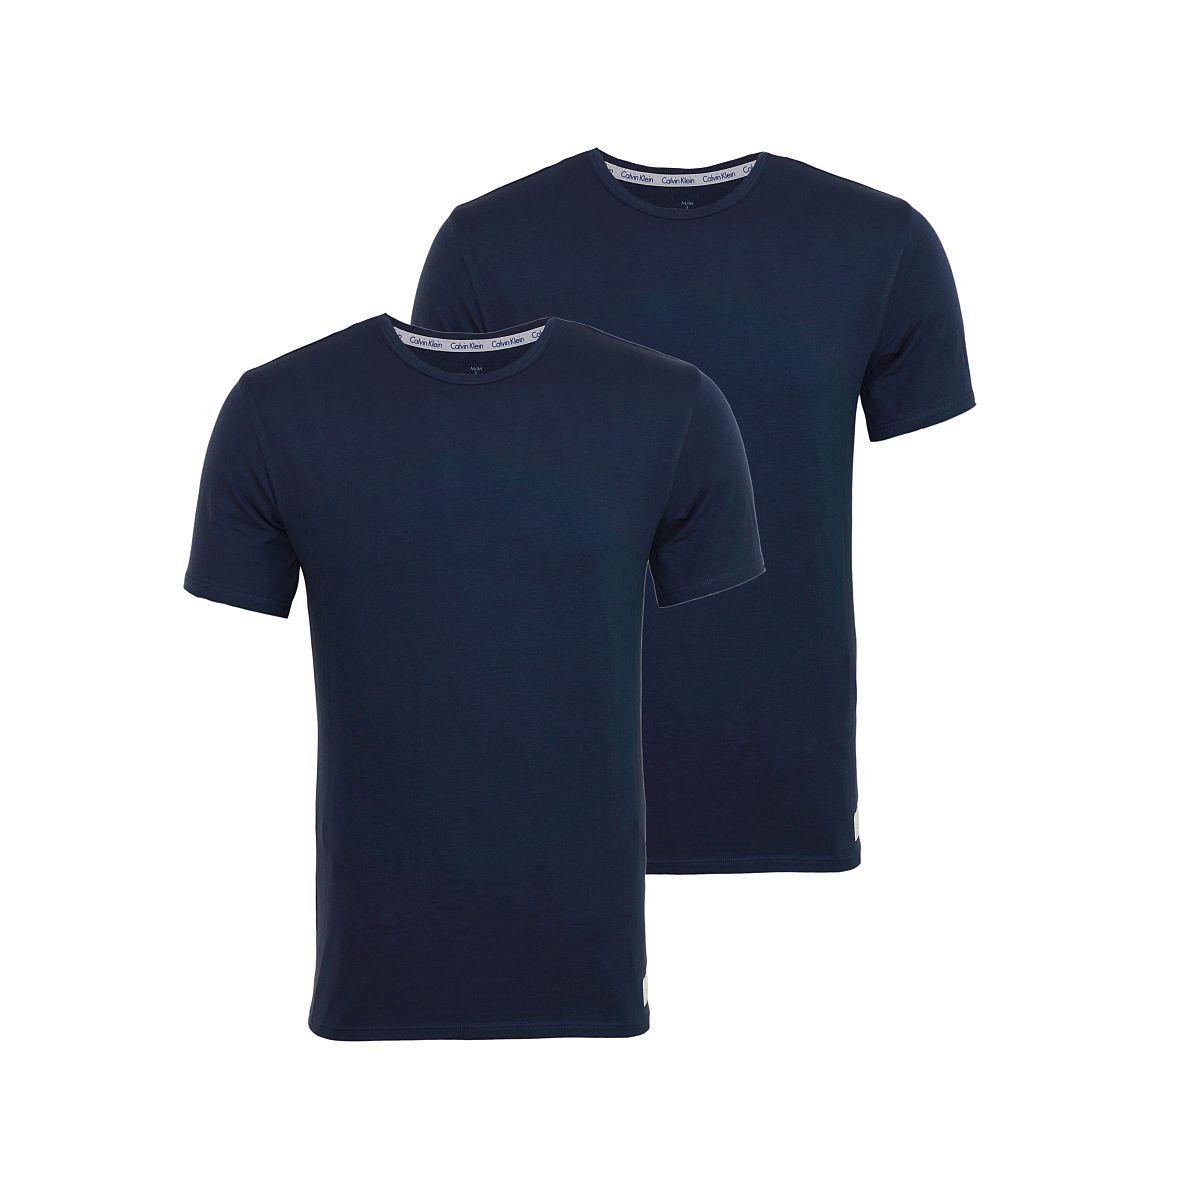 Calvin Klein 2er Pack T-Shirts Tee-Shirts CK16 Rundhals navy